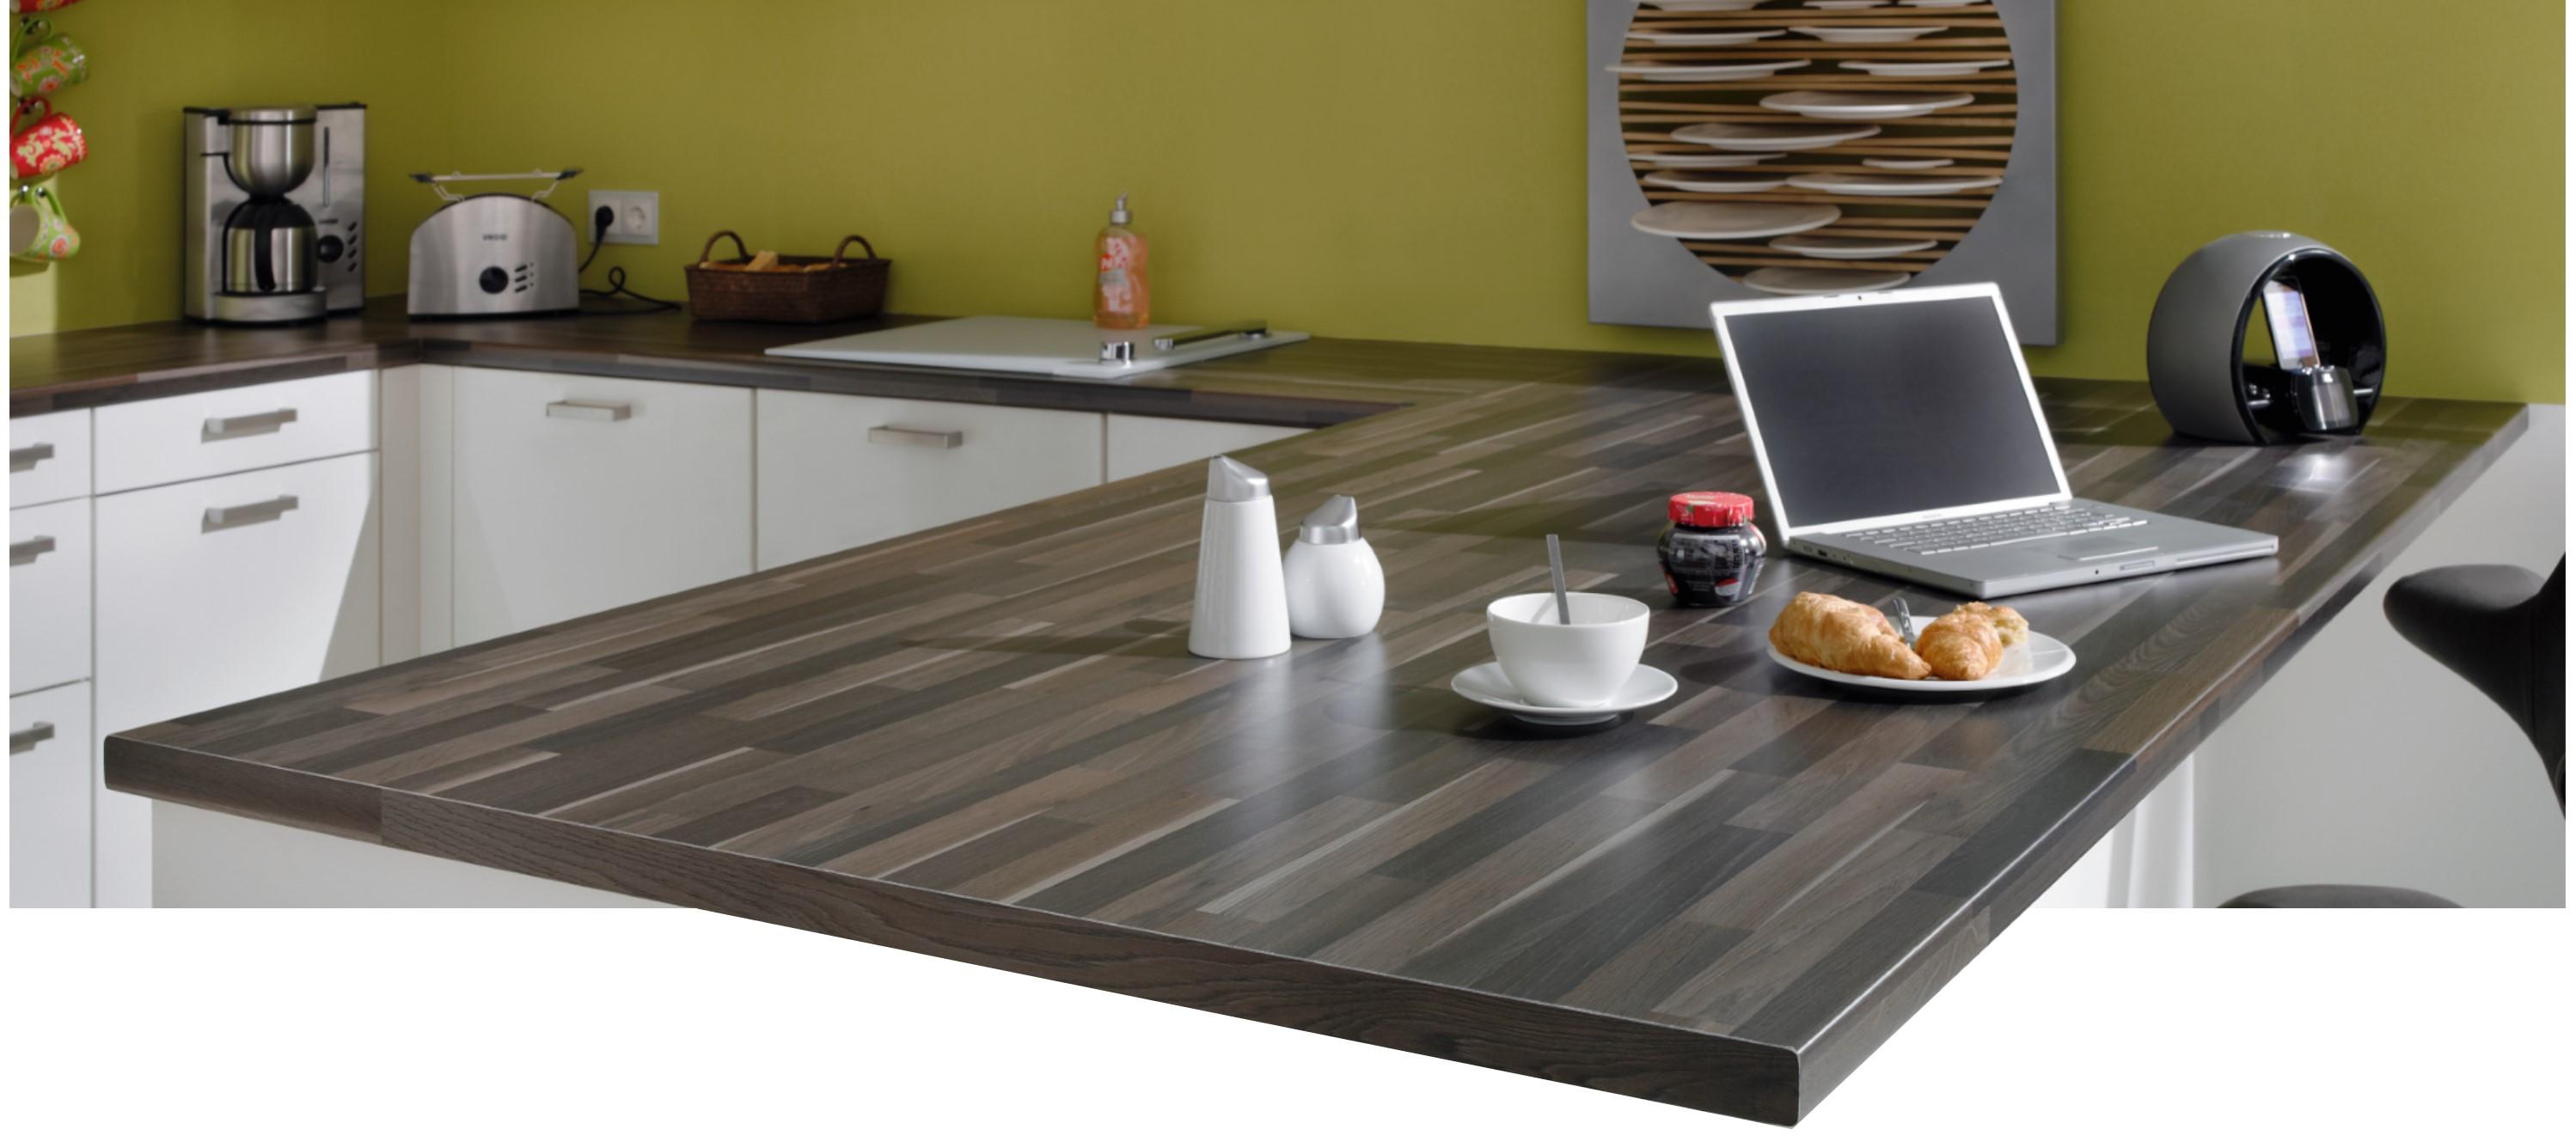 High Pressure Laminate Kitchen Worktops Uk